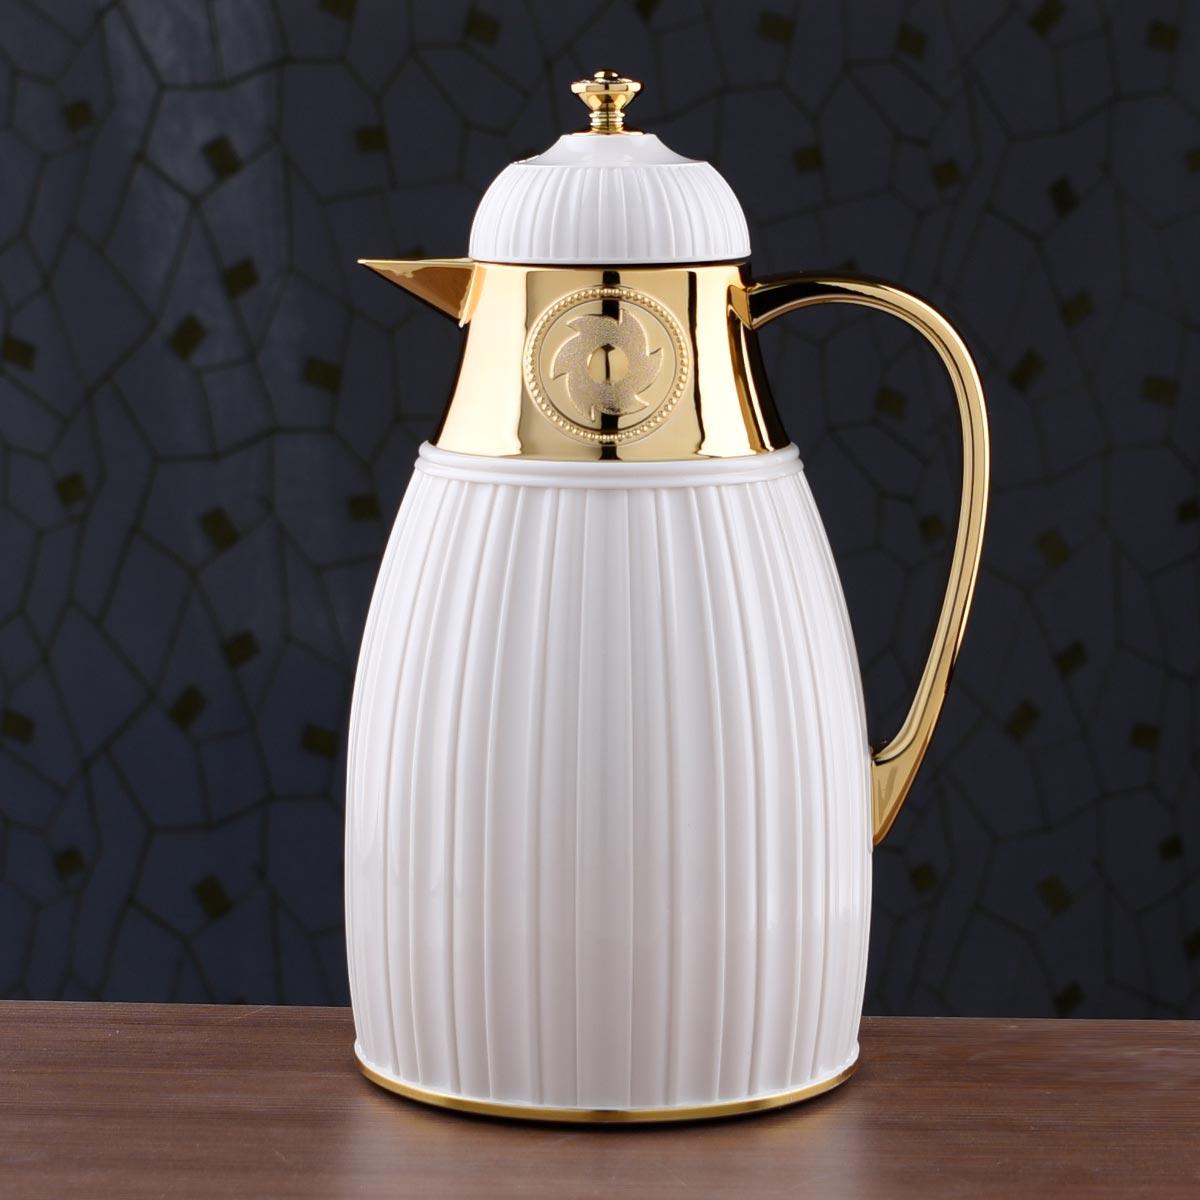 ترمس شاي وقهوة ديفا - DEVA - مقاس 1.0لتر - رقم K191564/1LVY